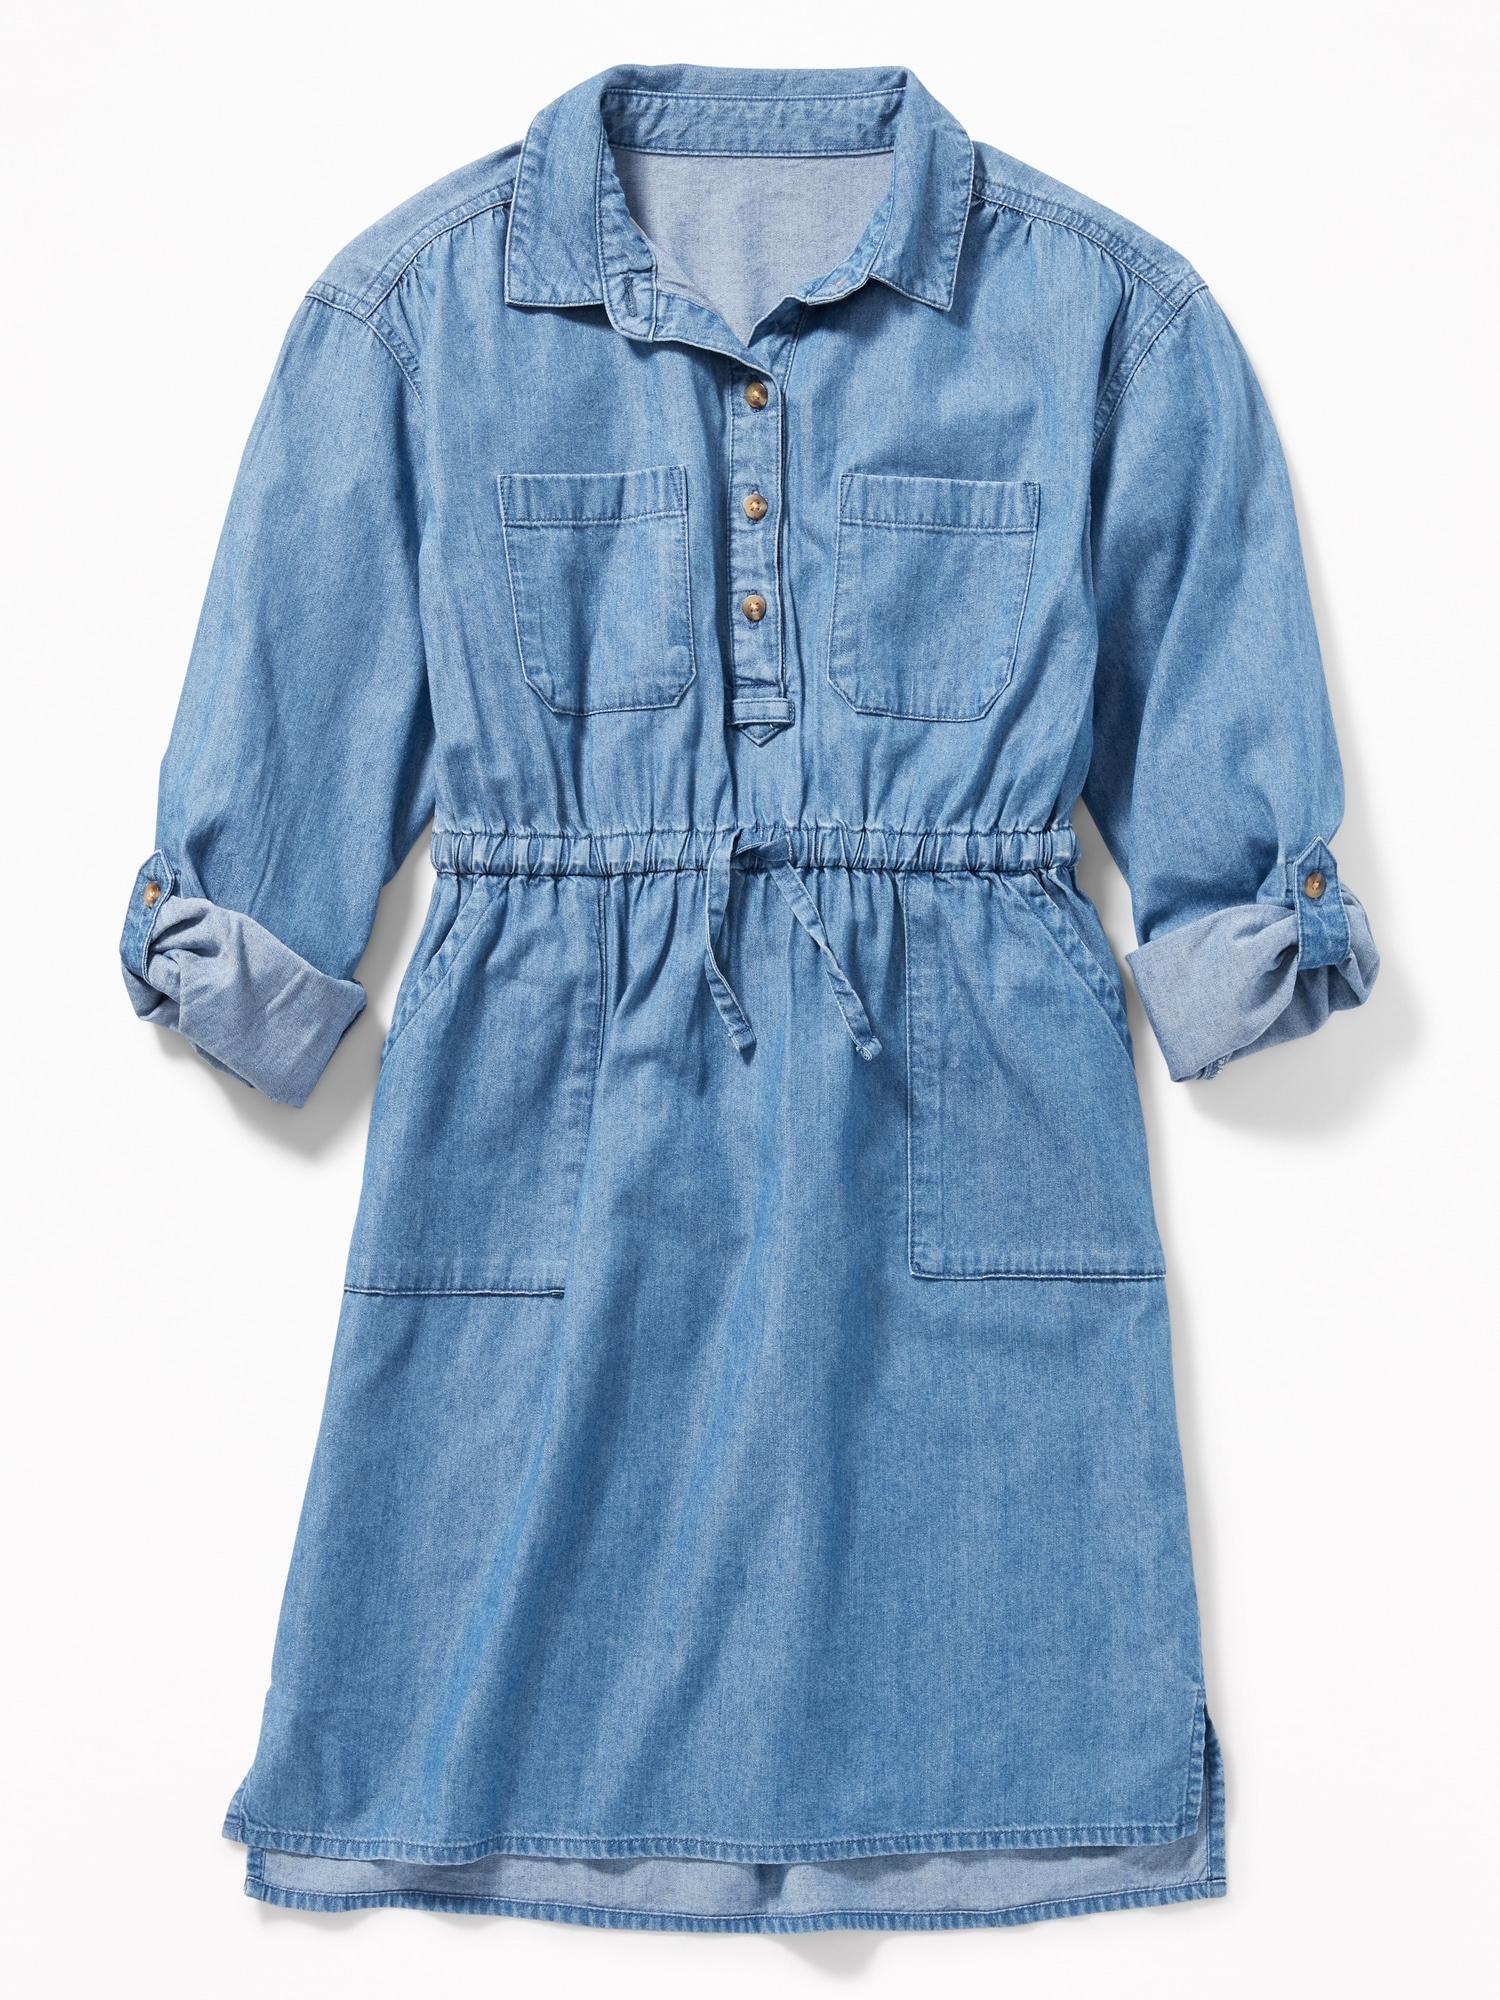 75a24420139 Waist-Defined Utility Shirt Dress for Girls